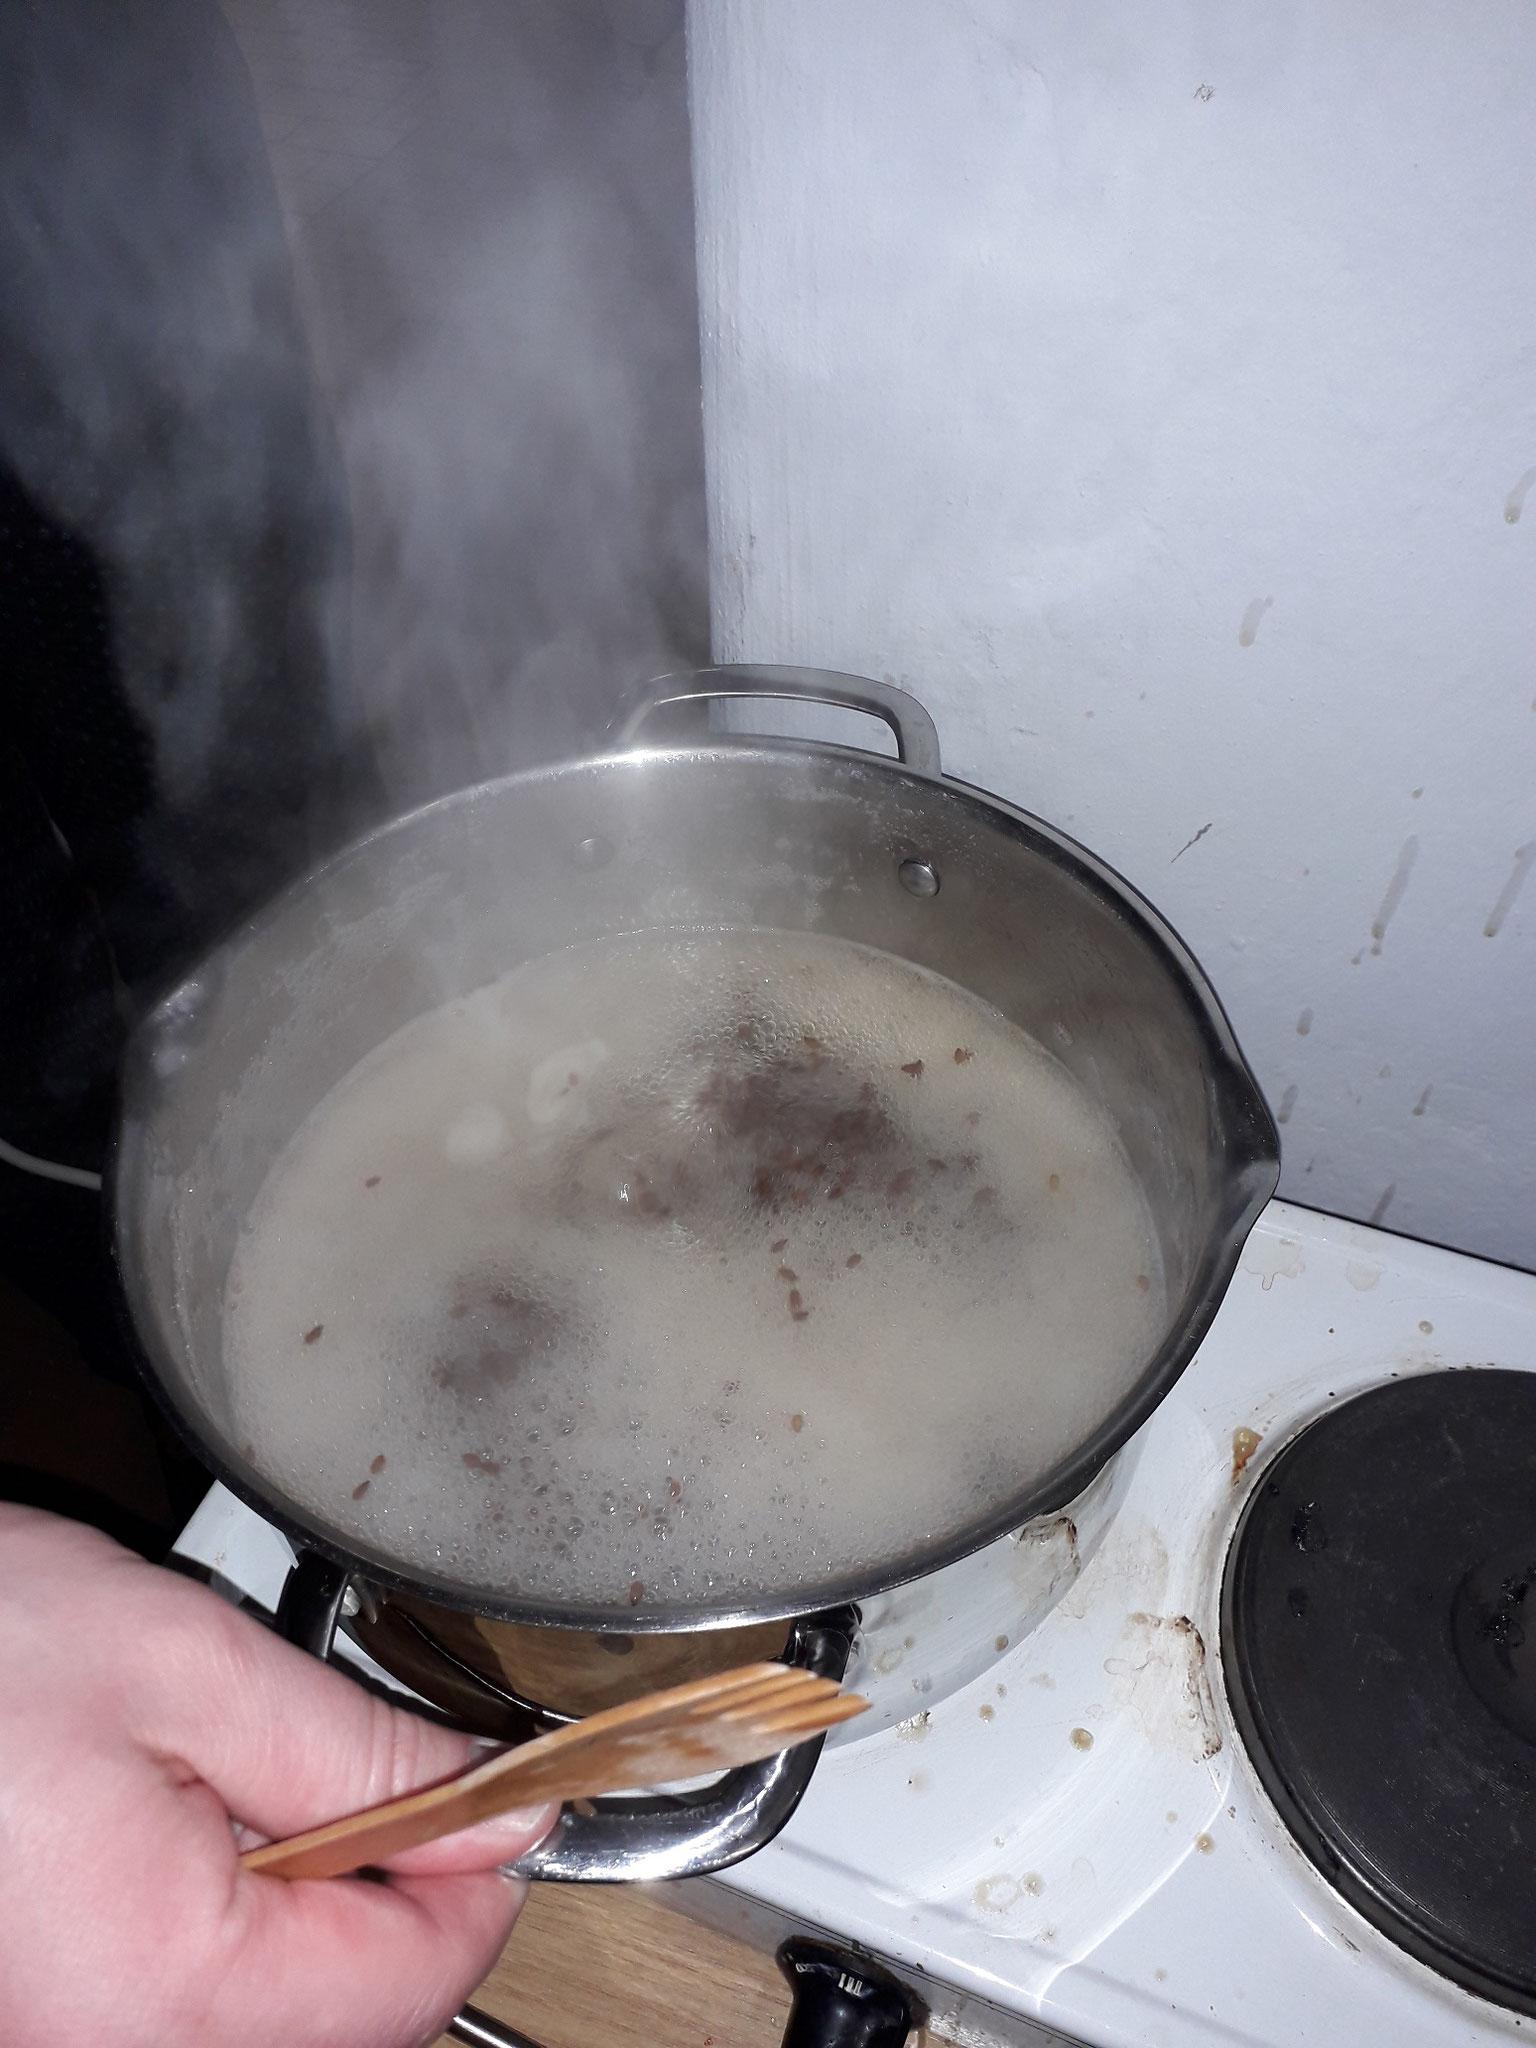 Das Kochen der Leinsamenkörper erfordert viel Geduld, da über die Hälfte des Wassers verkochen muss.